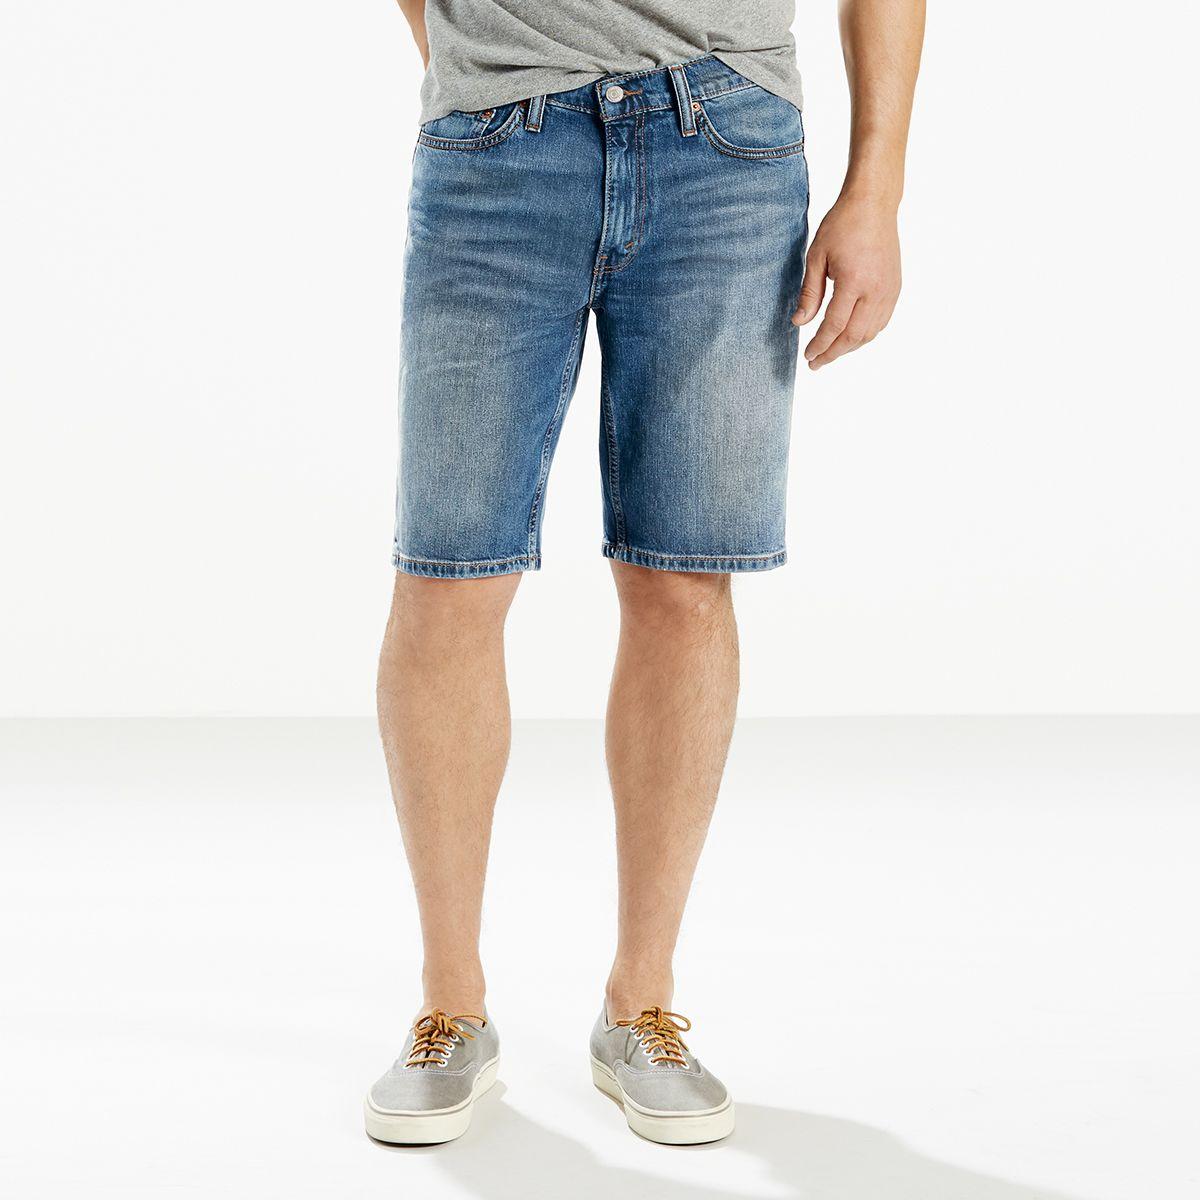 49664c16aa Levi's Mens Shorts & Cargo Shorts - Macy's